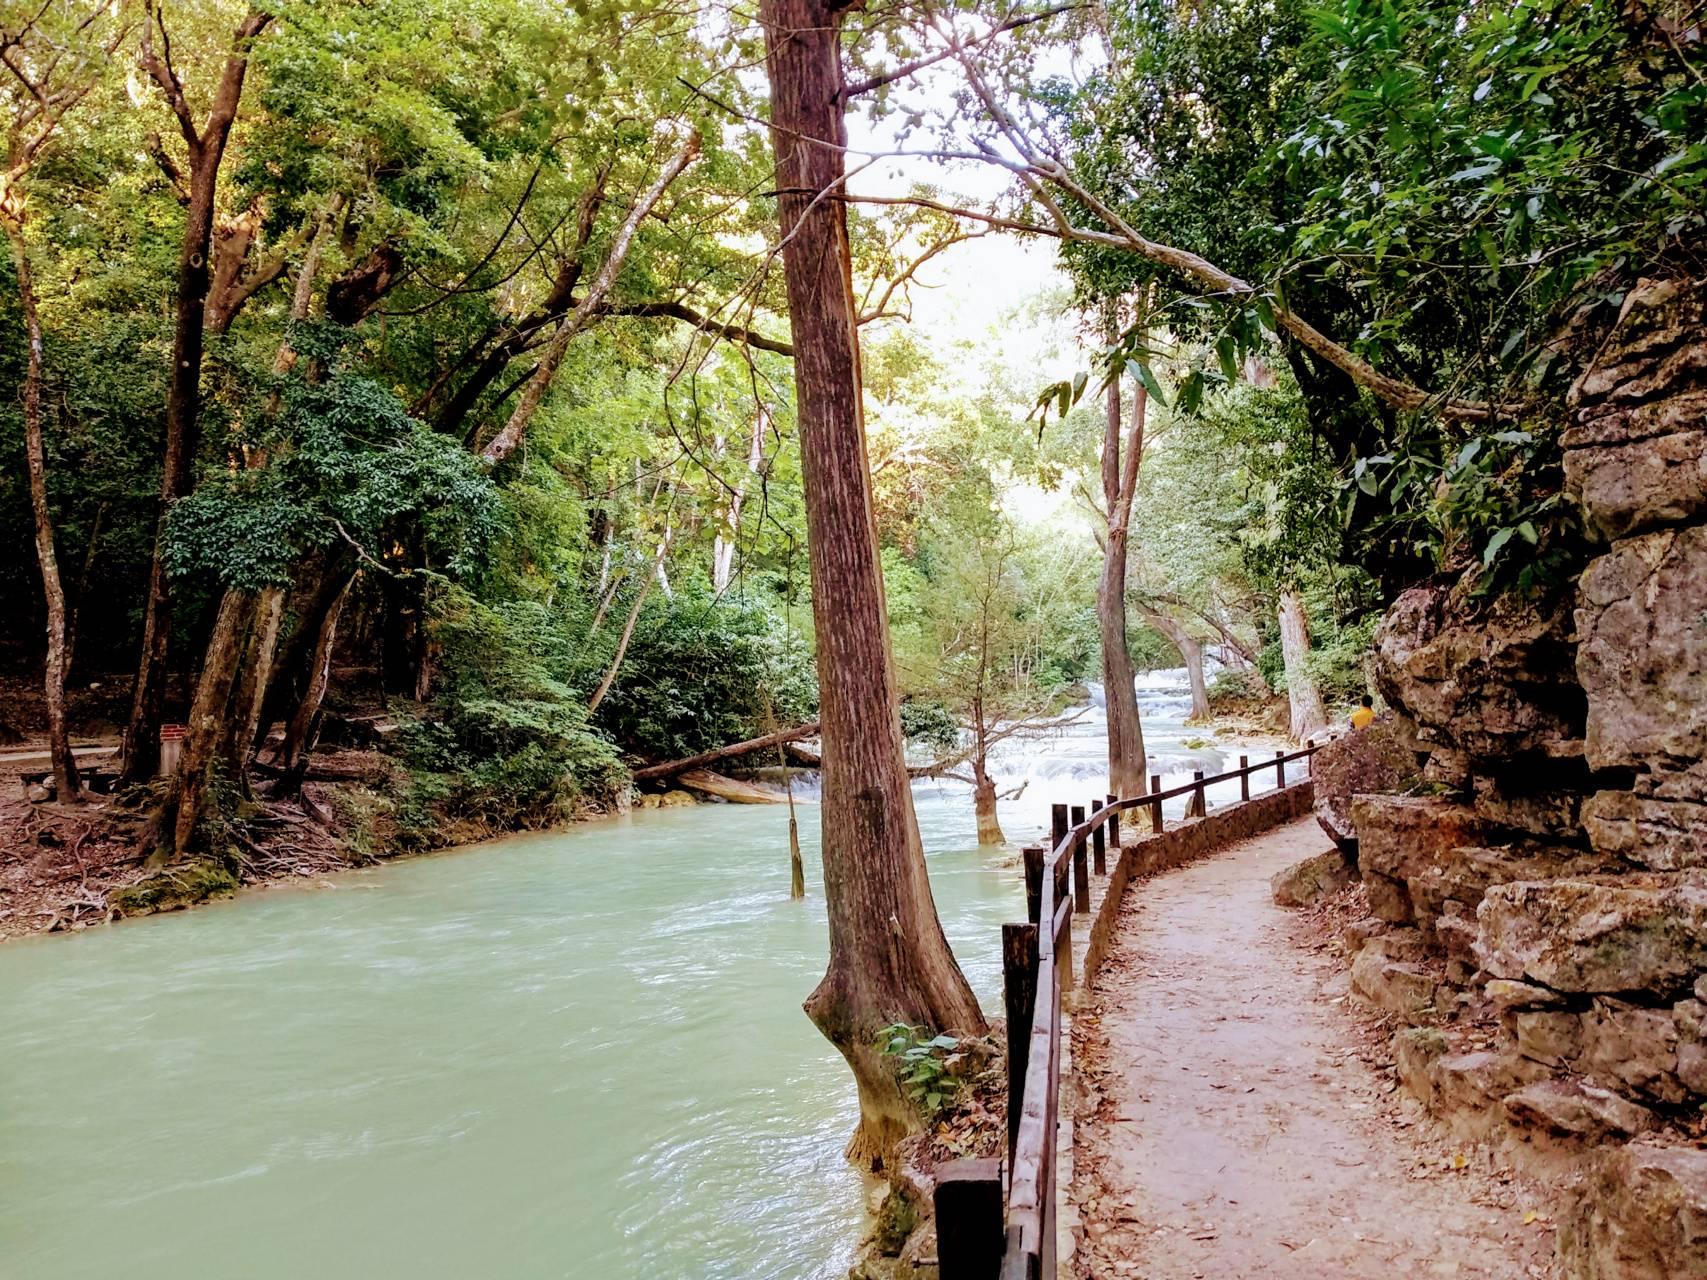 Camino a lo natural